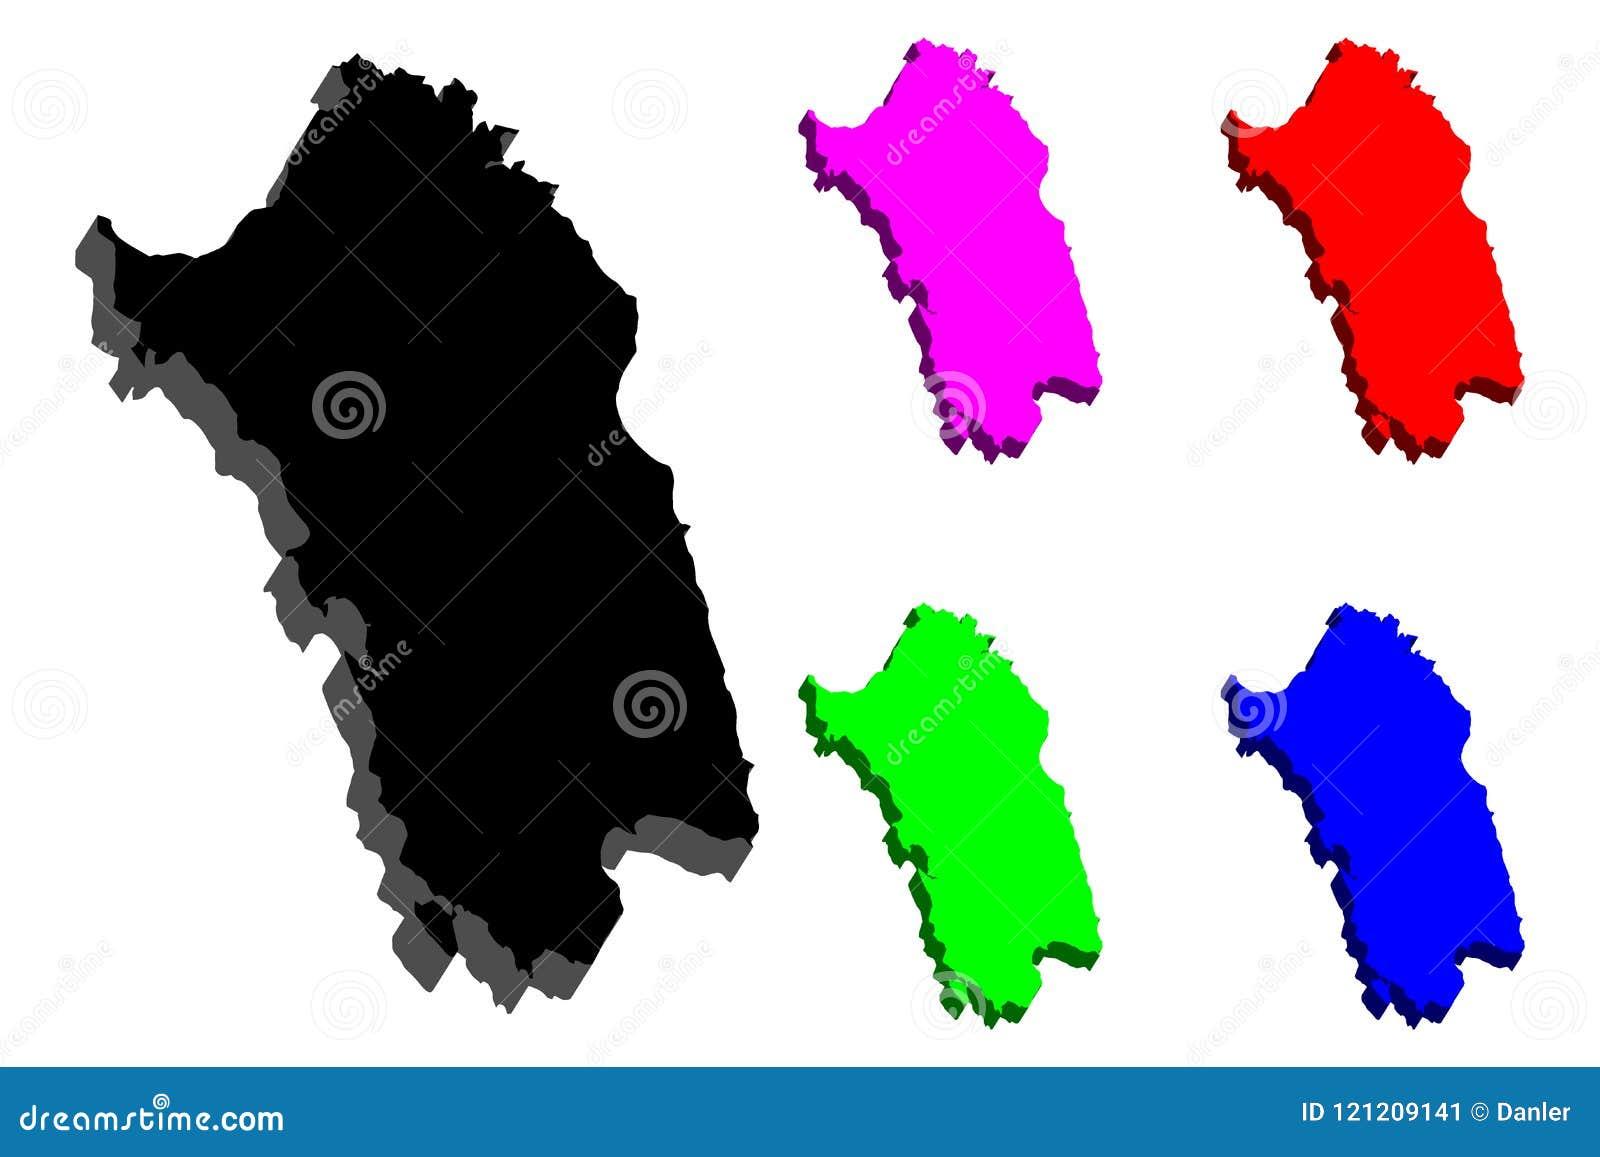 Cartina Sardegna Vettoriale.Mappa 3d Della Sardegna Illustrazione Vettoriale Illustrazione Di Frontiera 121209141